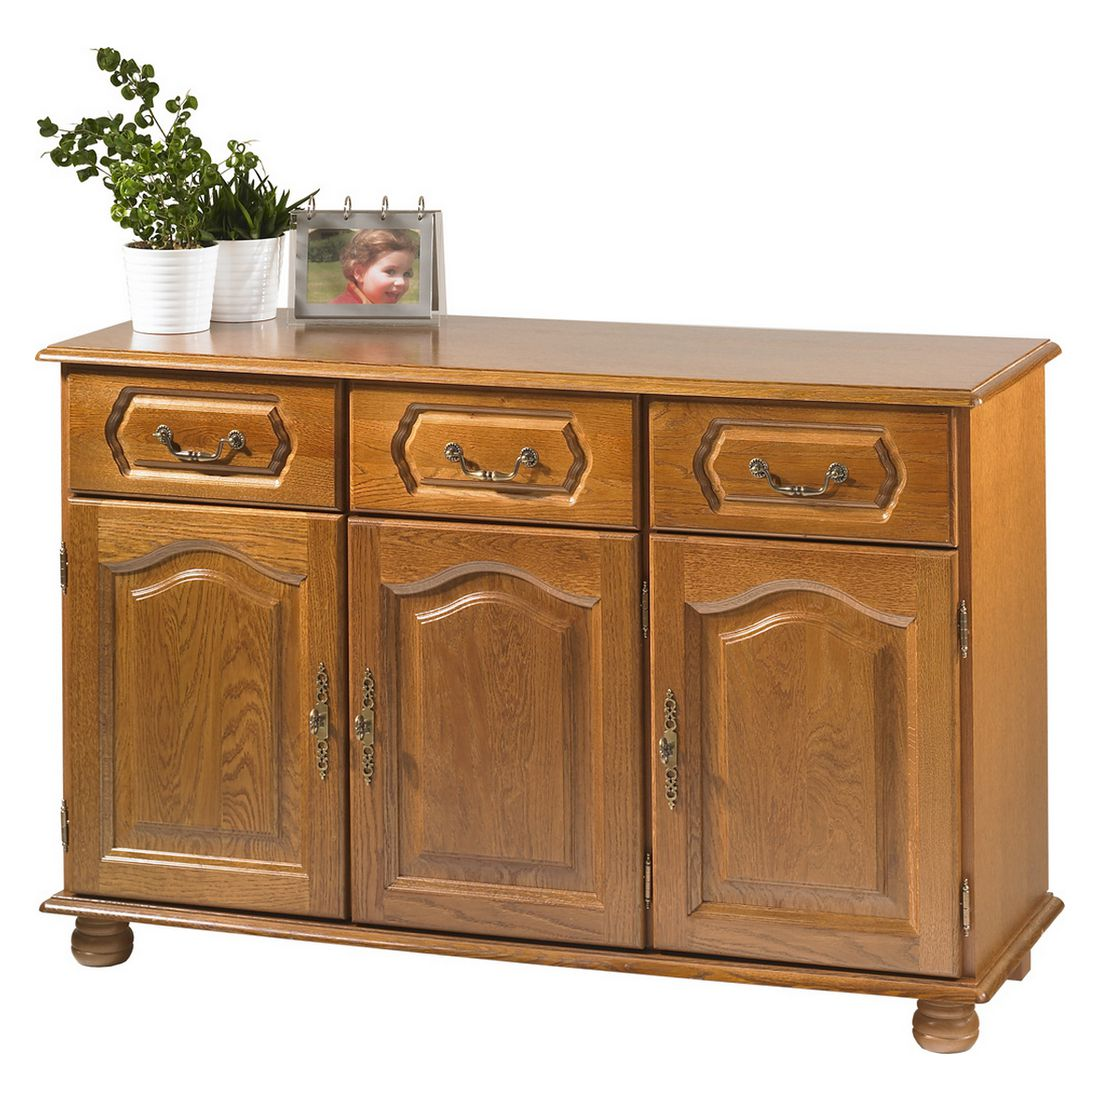 prix des meuble salle manger 592. Black Bedroom Furniture Sets. Home Design Ideas